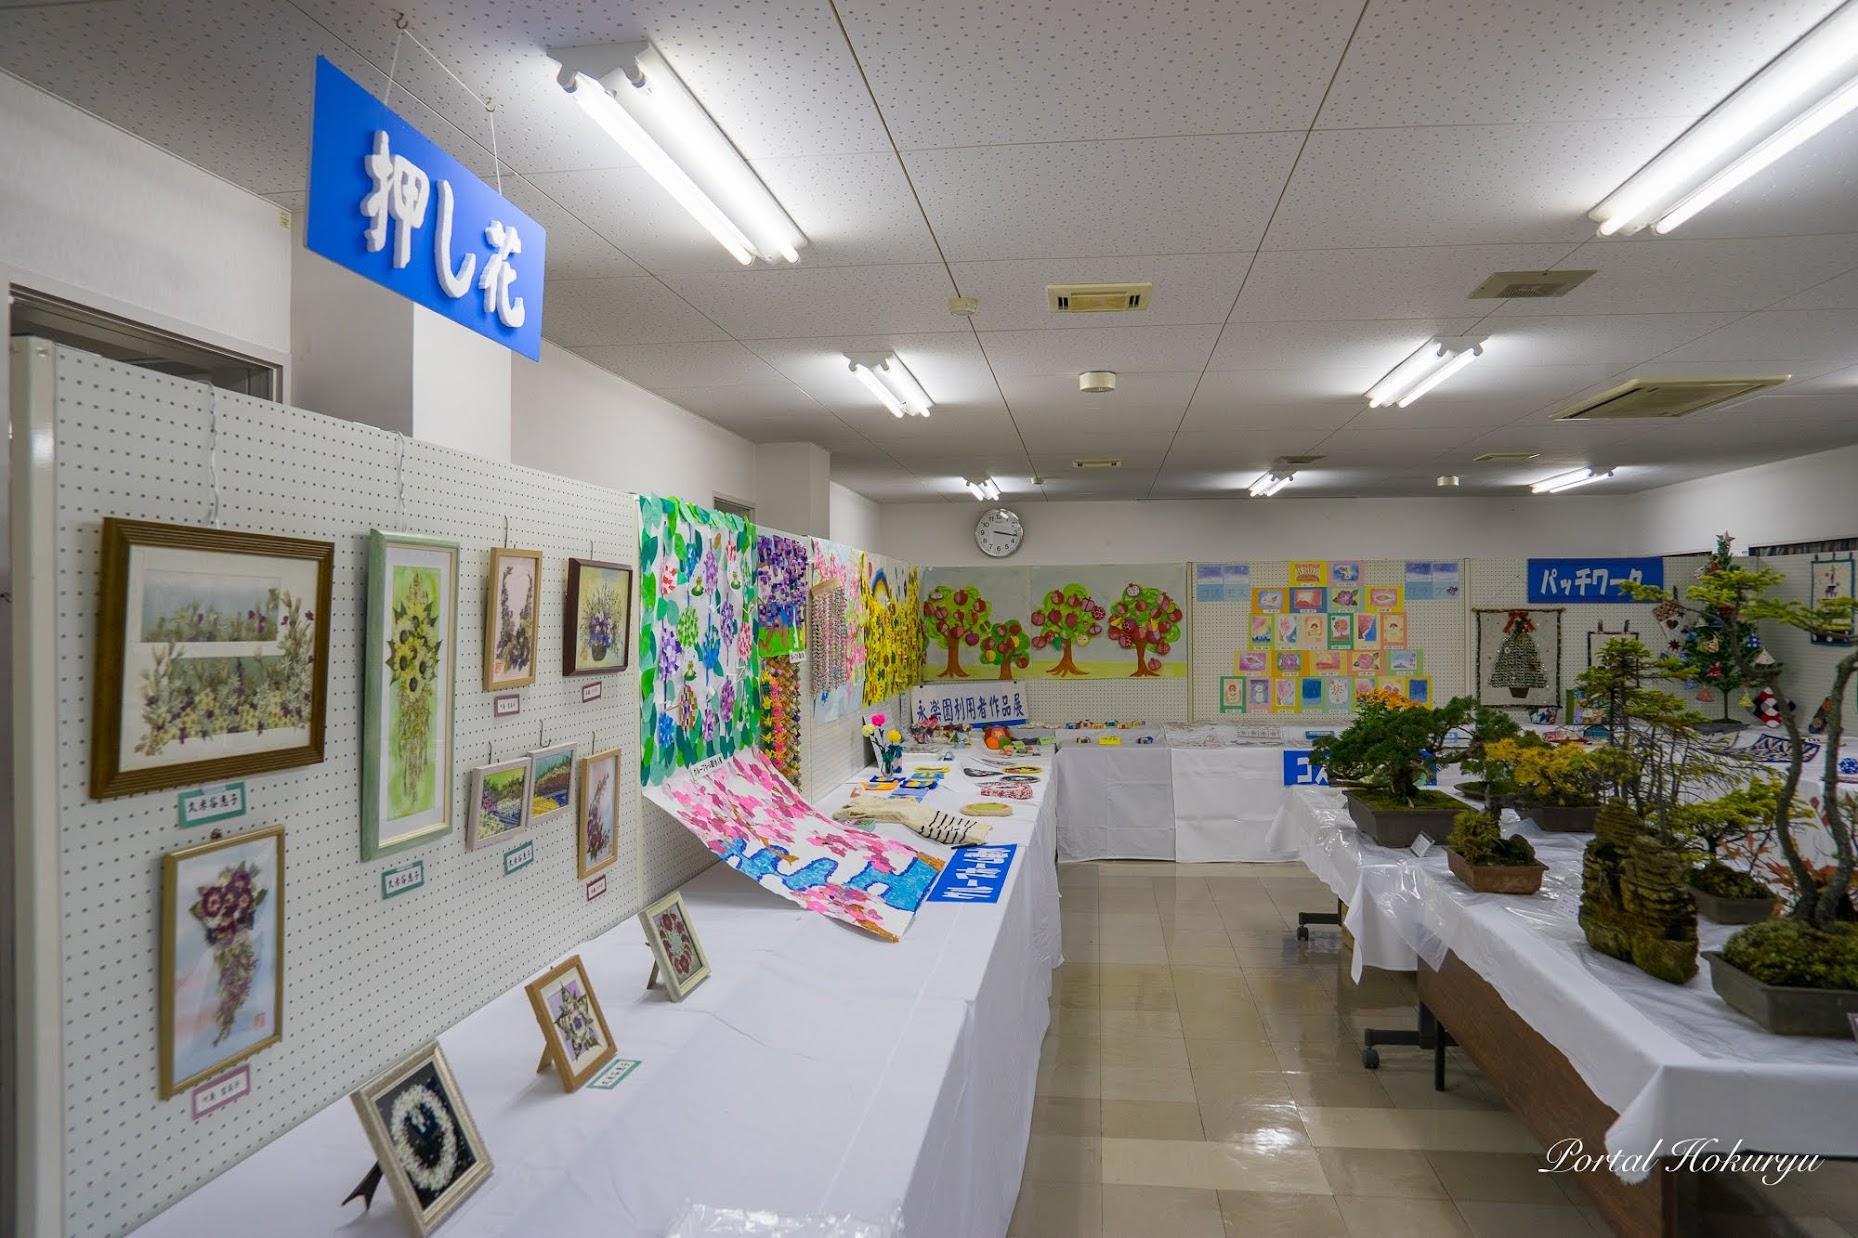 公民館講堂内での展示作品